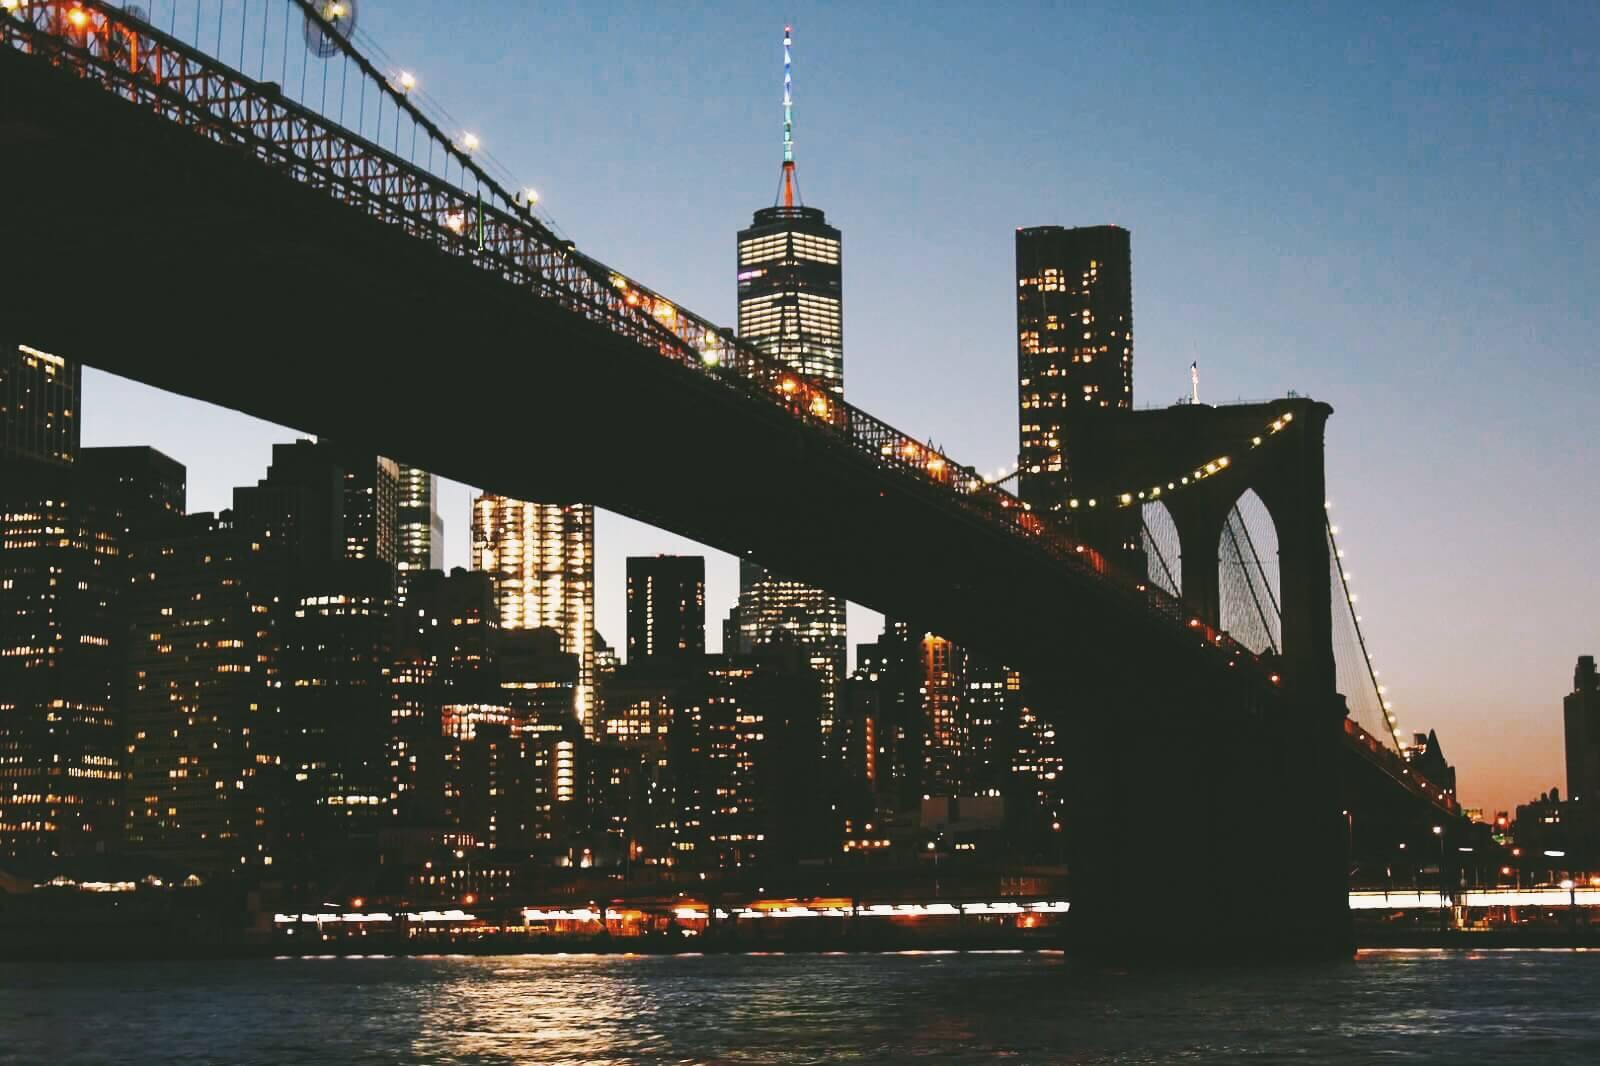 The brooklyn bridge at night by Katie Hinkle